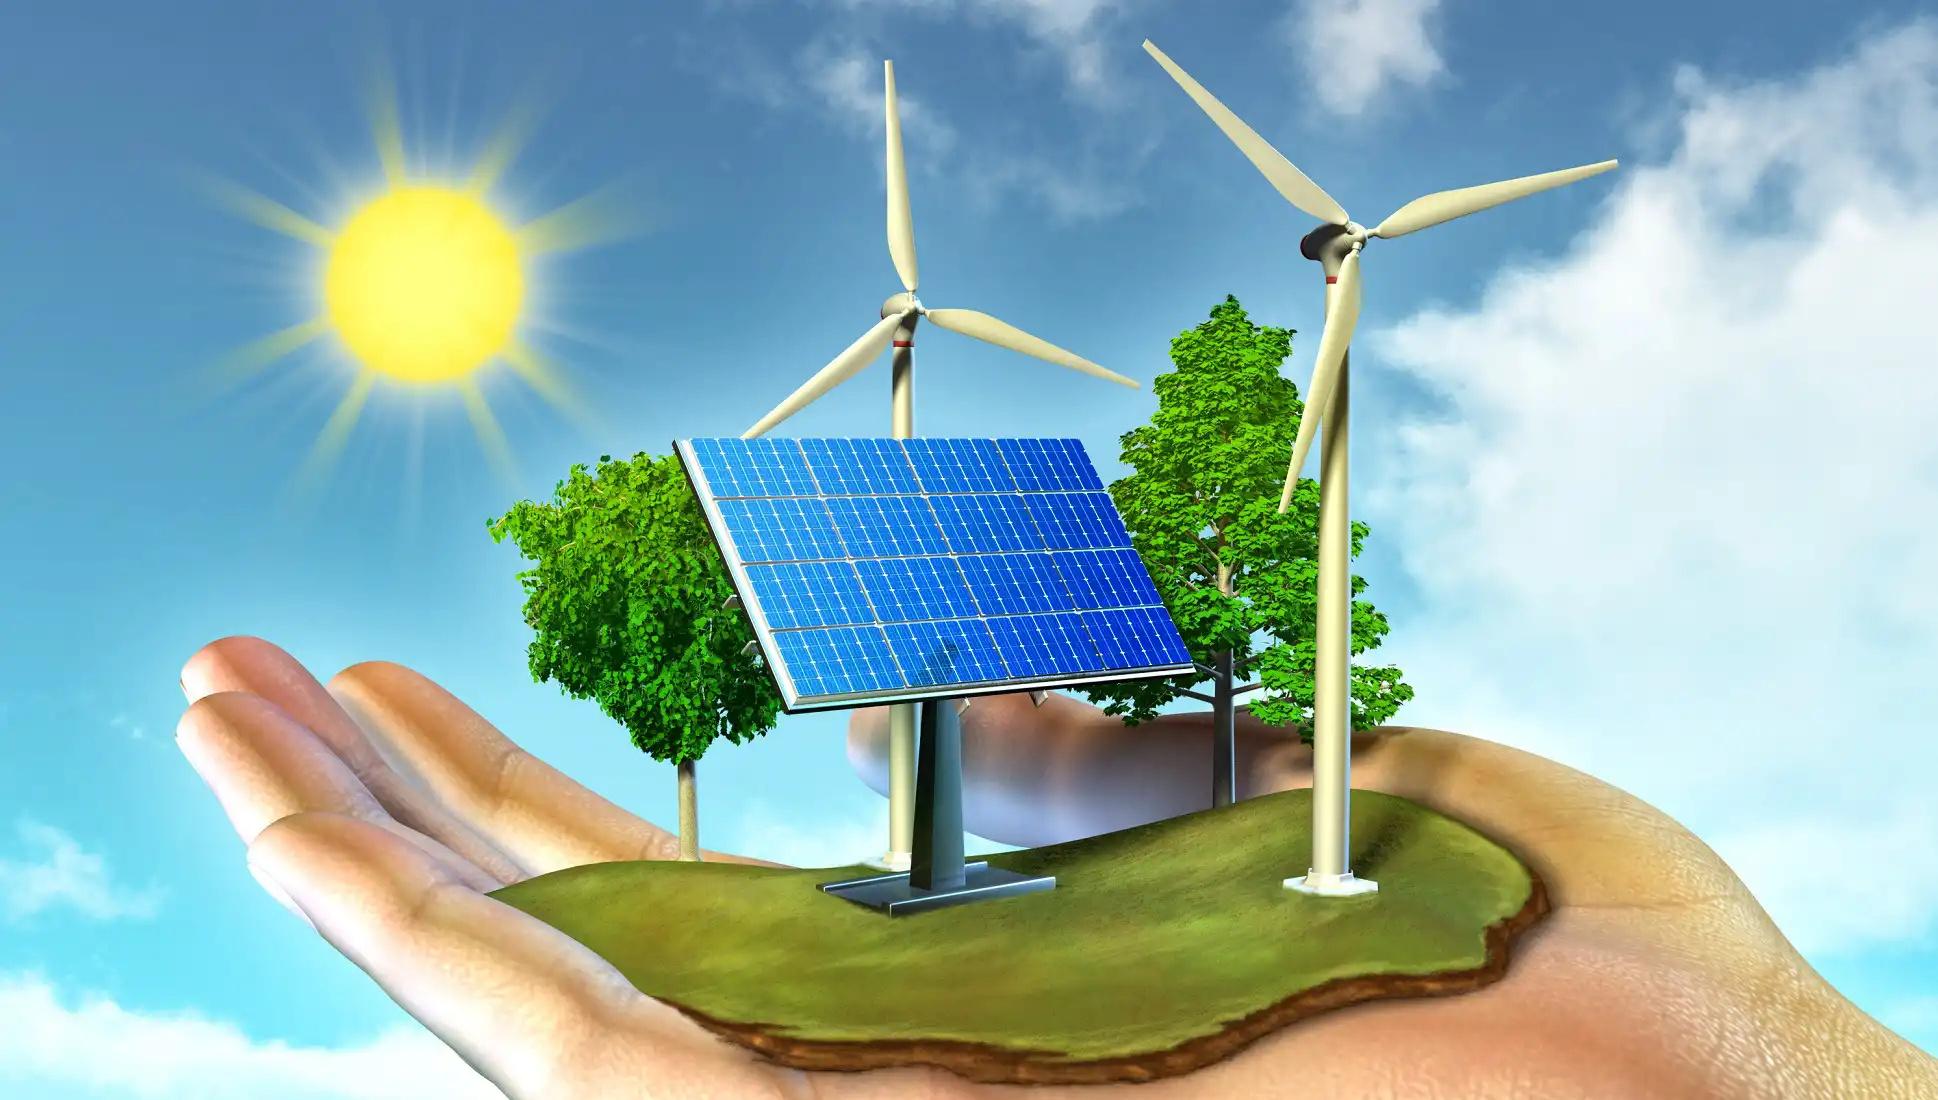 Año récord producción renovables mas del 43% de la demanda nacional en lo que va del año